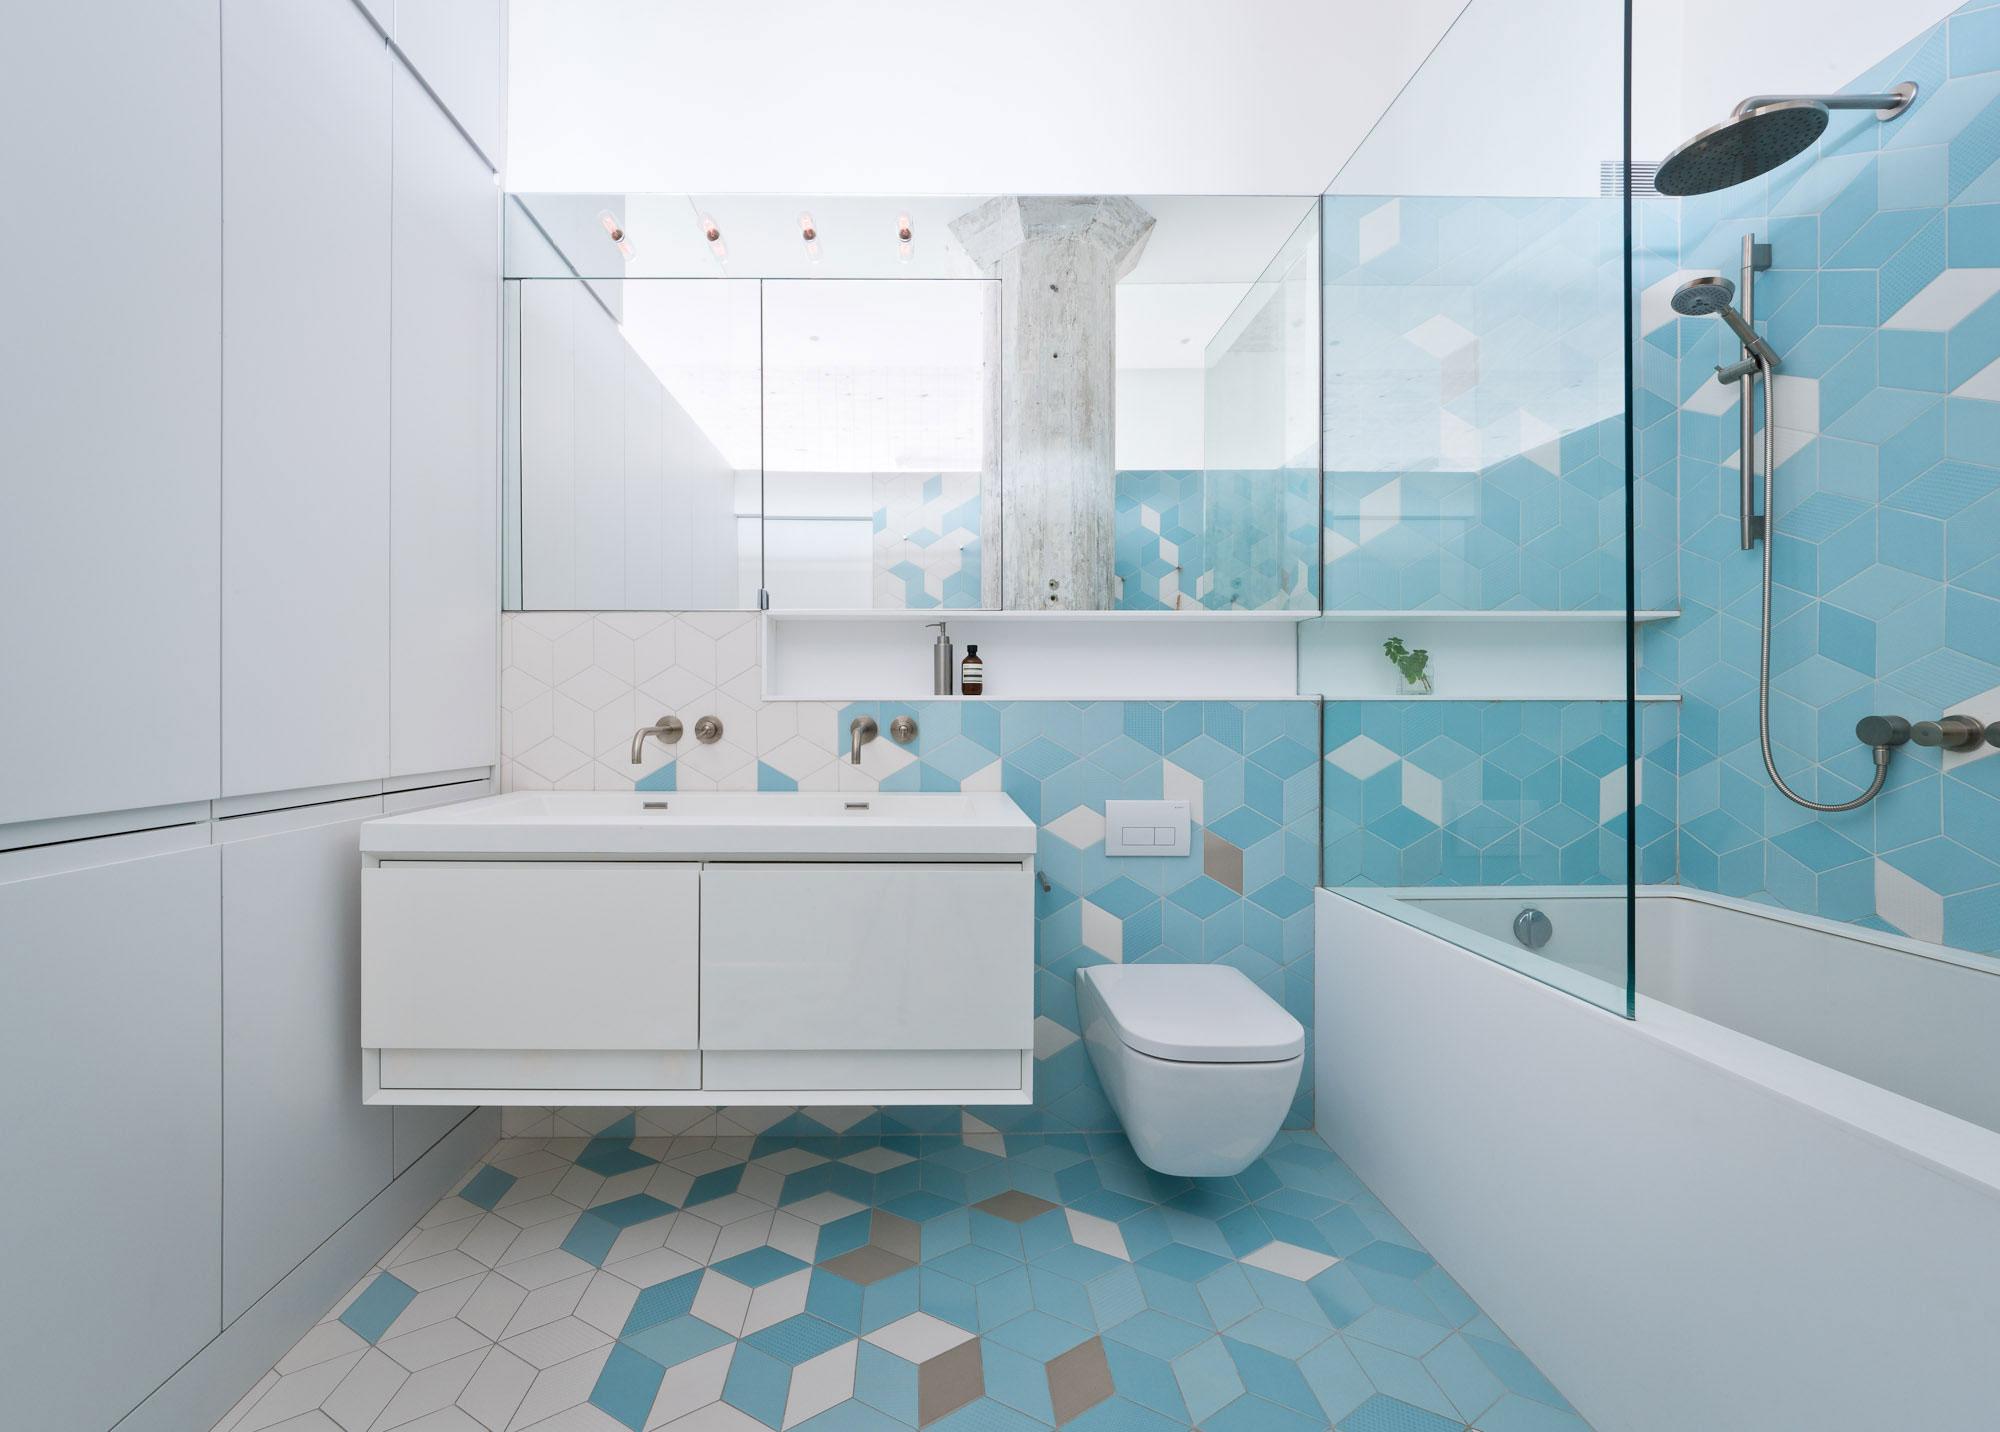 Благодаря многообразию форм и цветовых решений плитки появляется возможность создать оригинальный интерьер комнаты